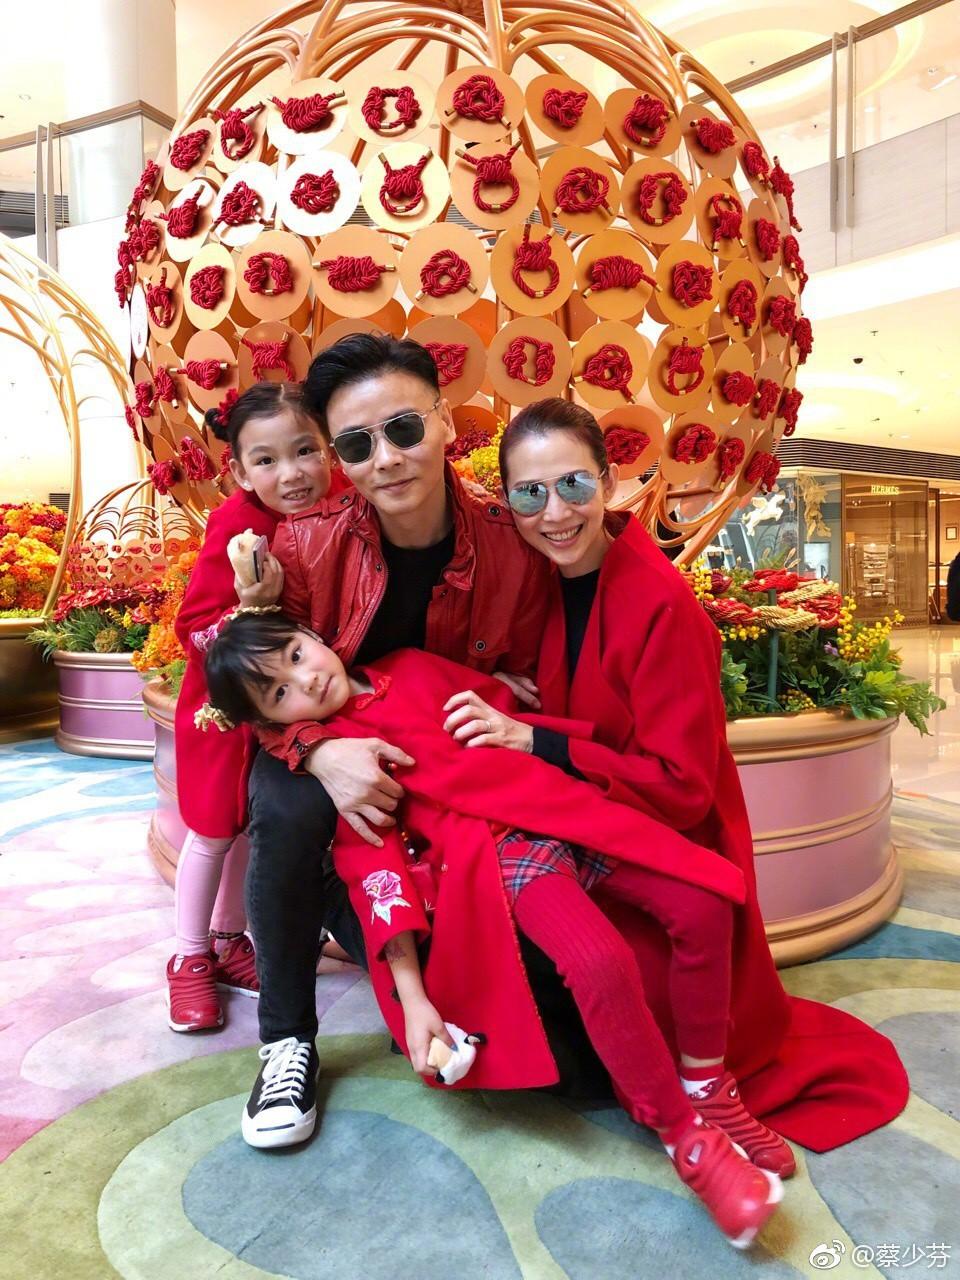 Hoa đán TVB Thái Thiếu Phân: Cái giá của hạnh phúc là tuổi thơ cơ cực và quyết định từ mặt mẹ ruột - Ảnh 4.